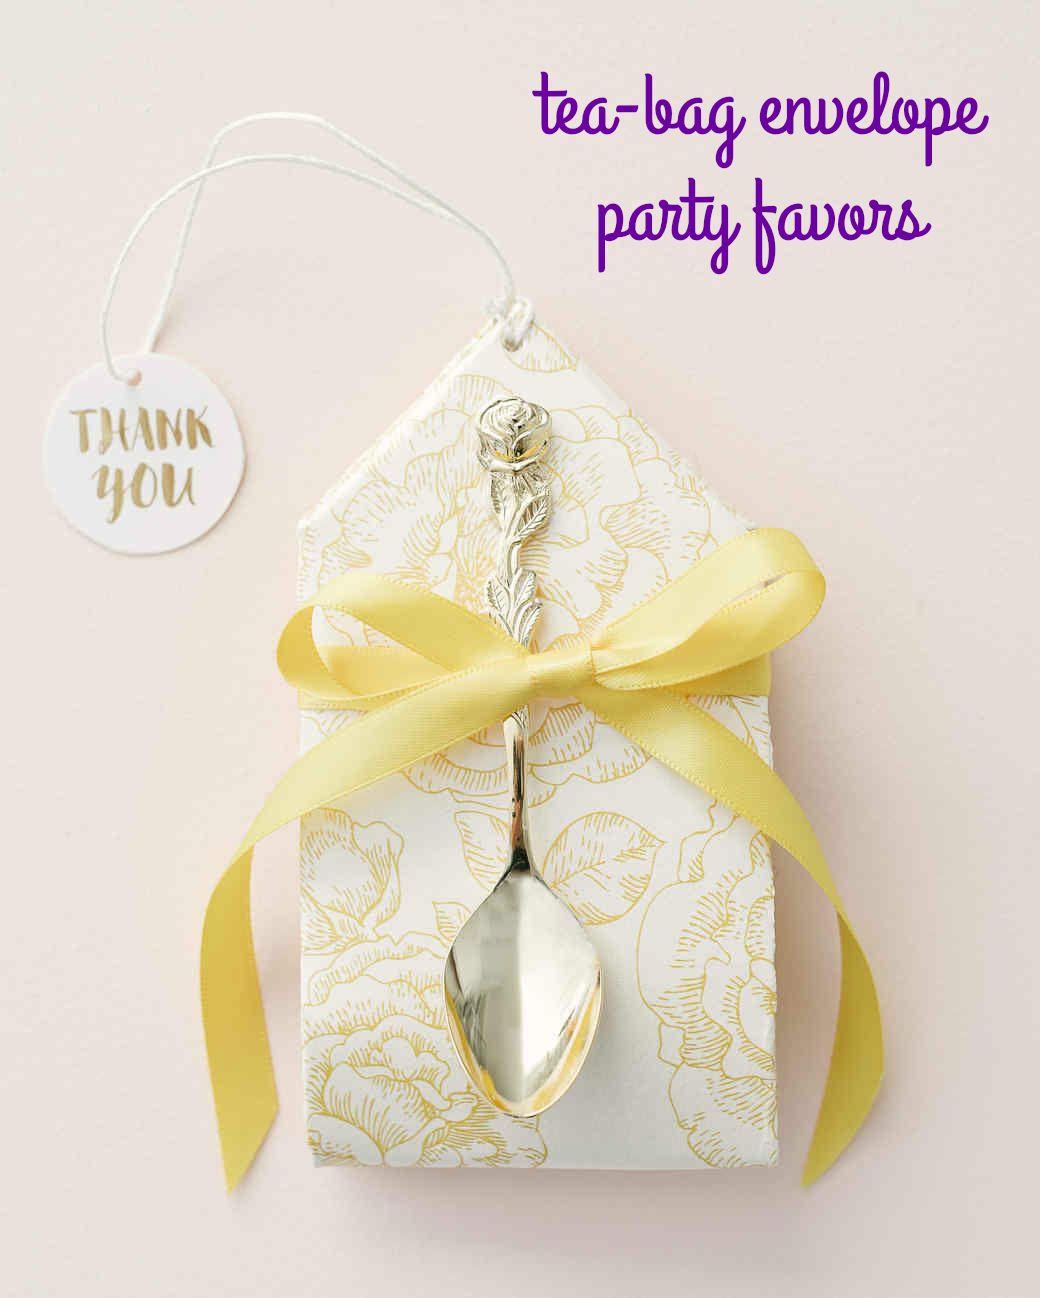 Tea Bag Envelope Party Favors Tea Bag Favors Tea Party Favors Tea Party Baby Shower